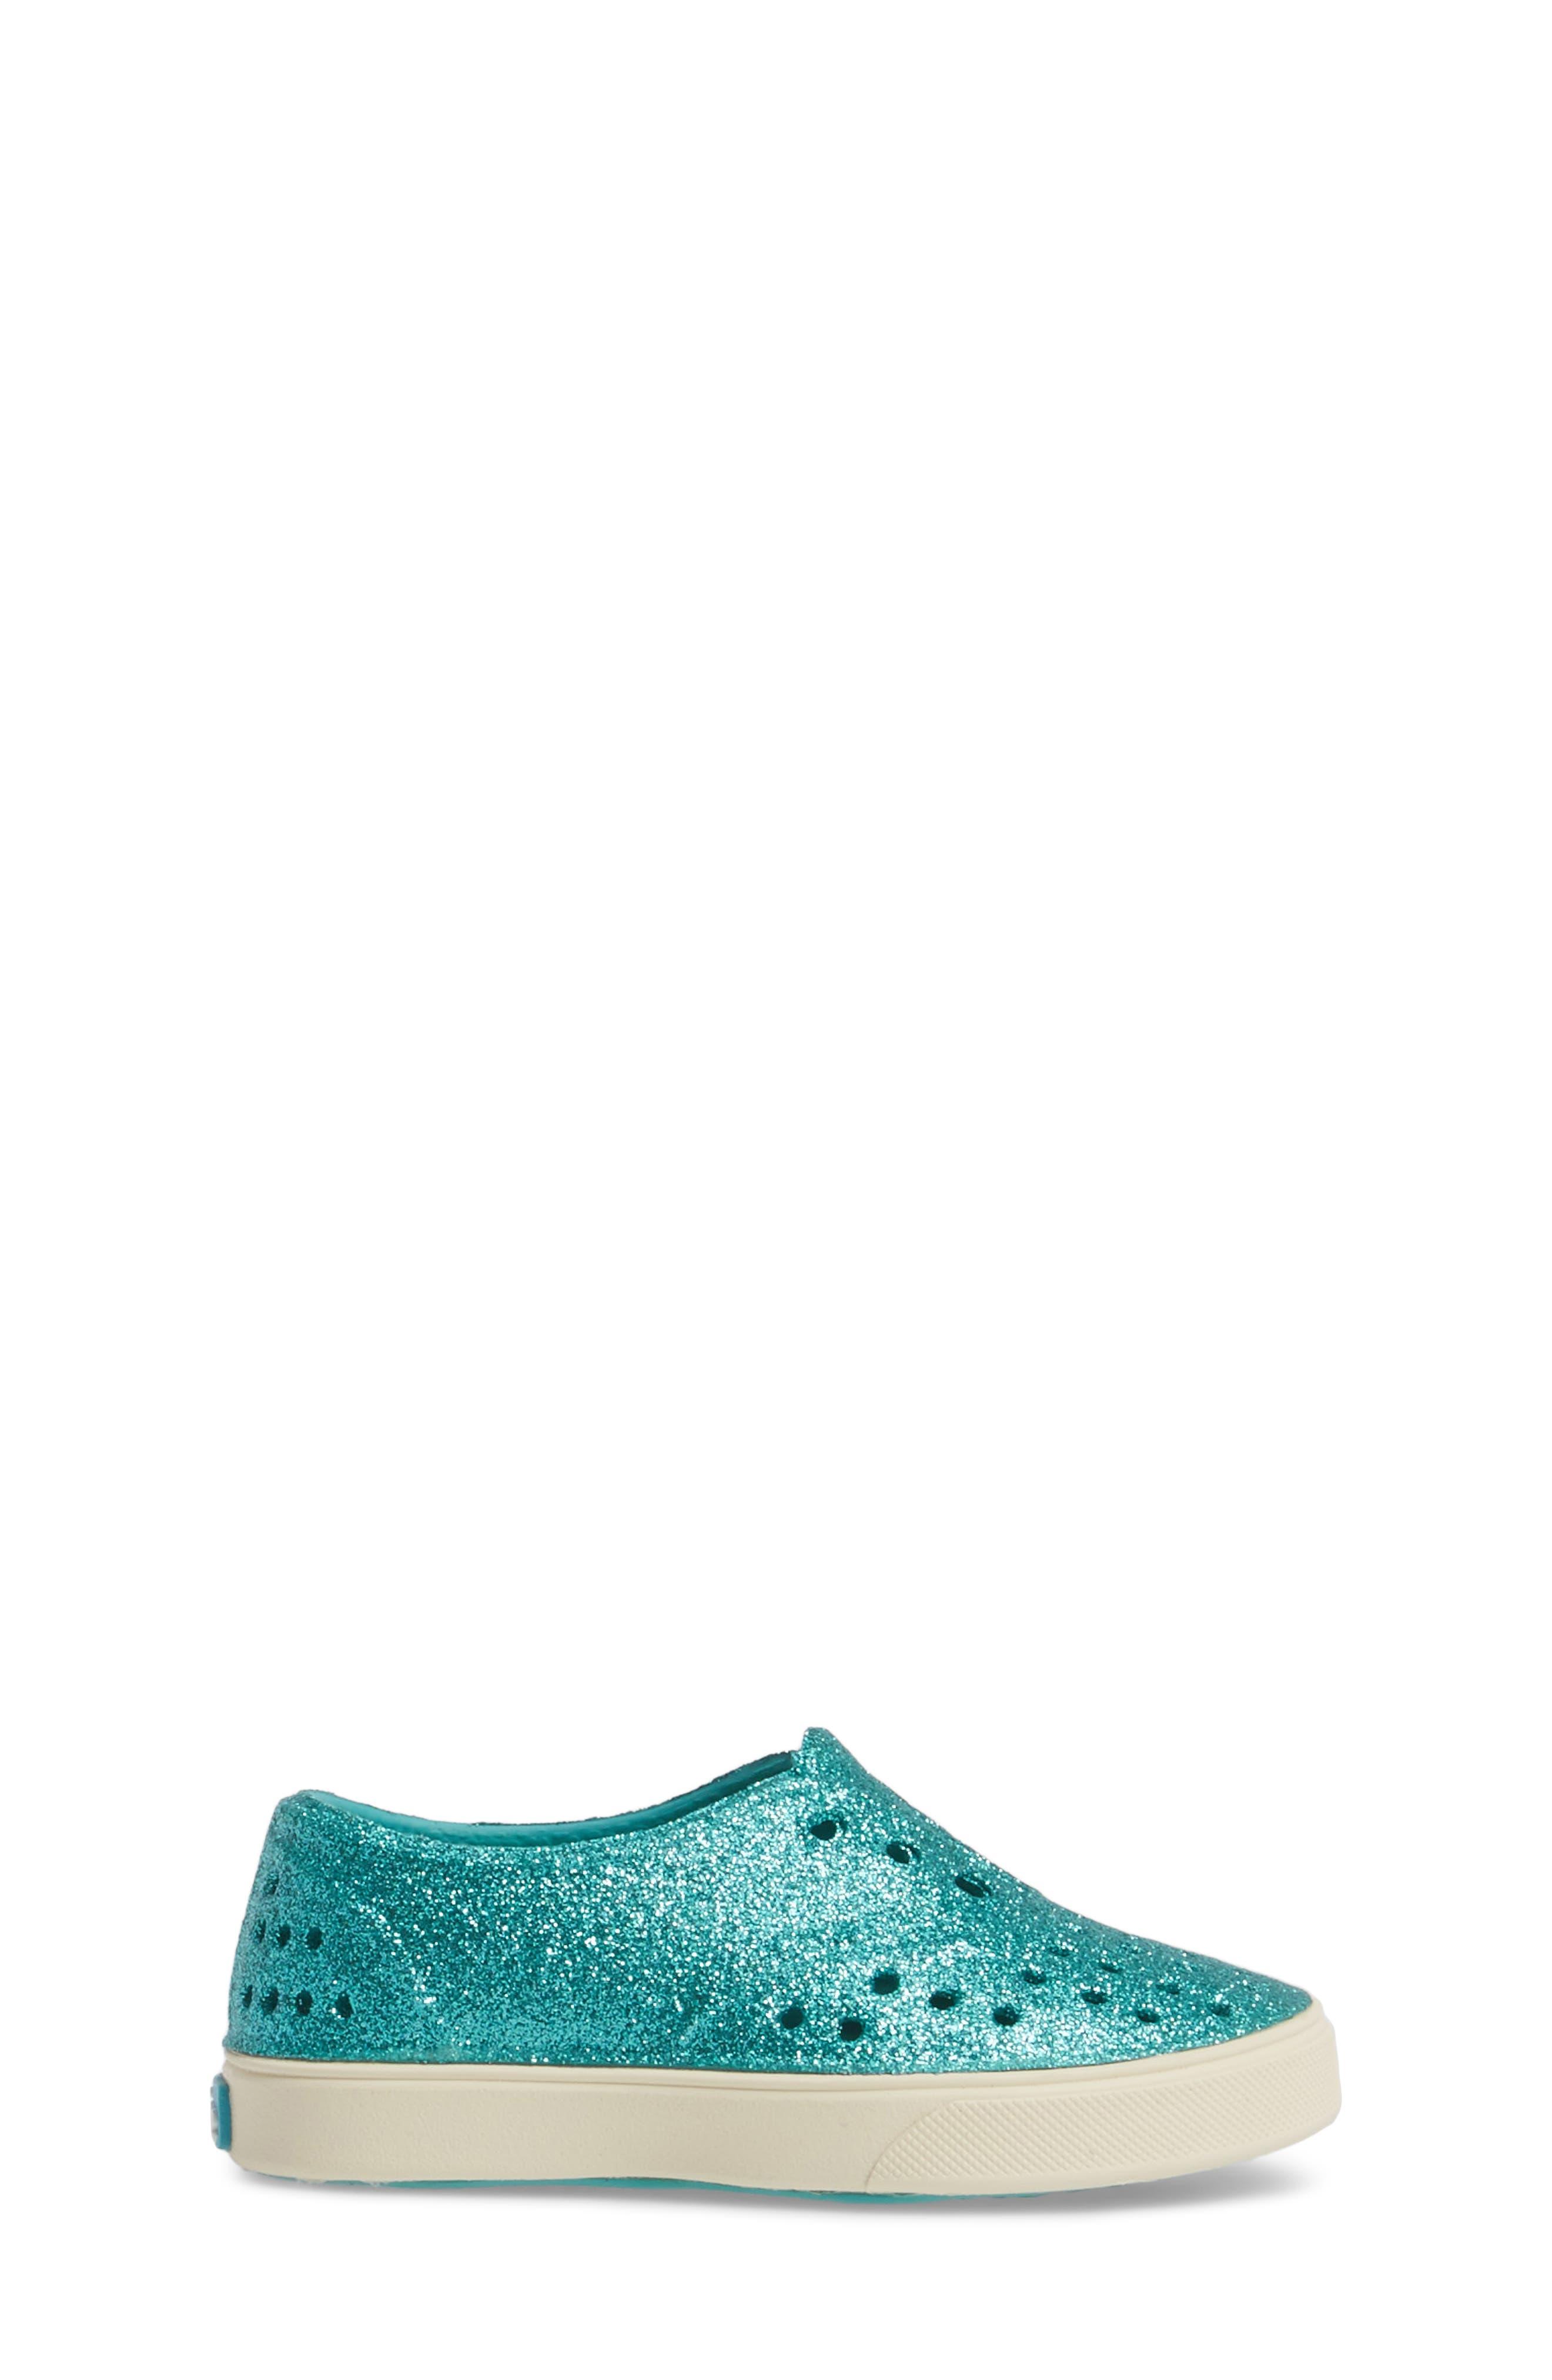 Alternate Image 3  - Native Shoes Miller Sparkly Perforated Slip-On (Walker, Toddler & Little Kid)